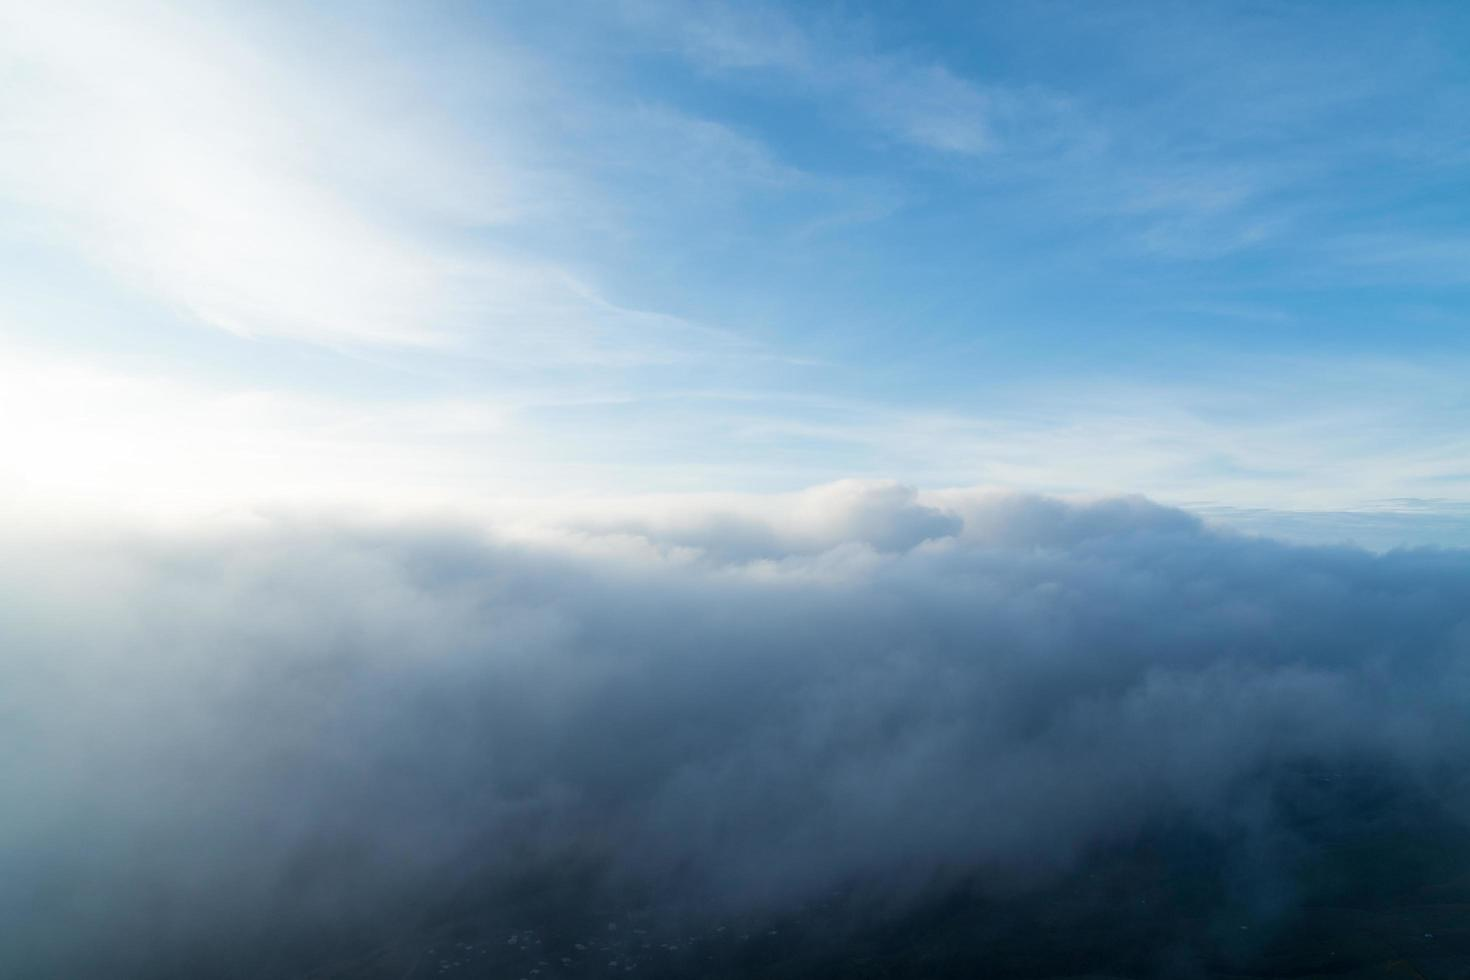 ochtend uitzicht over de bergen foto